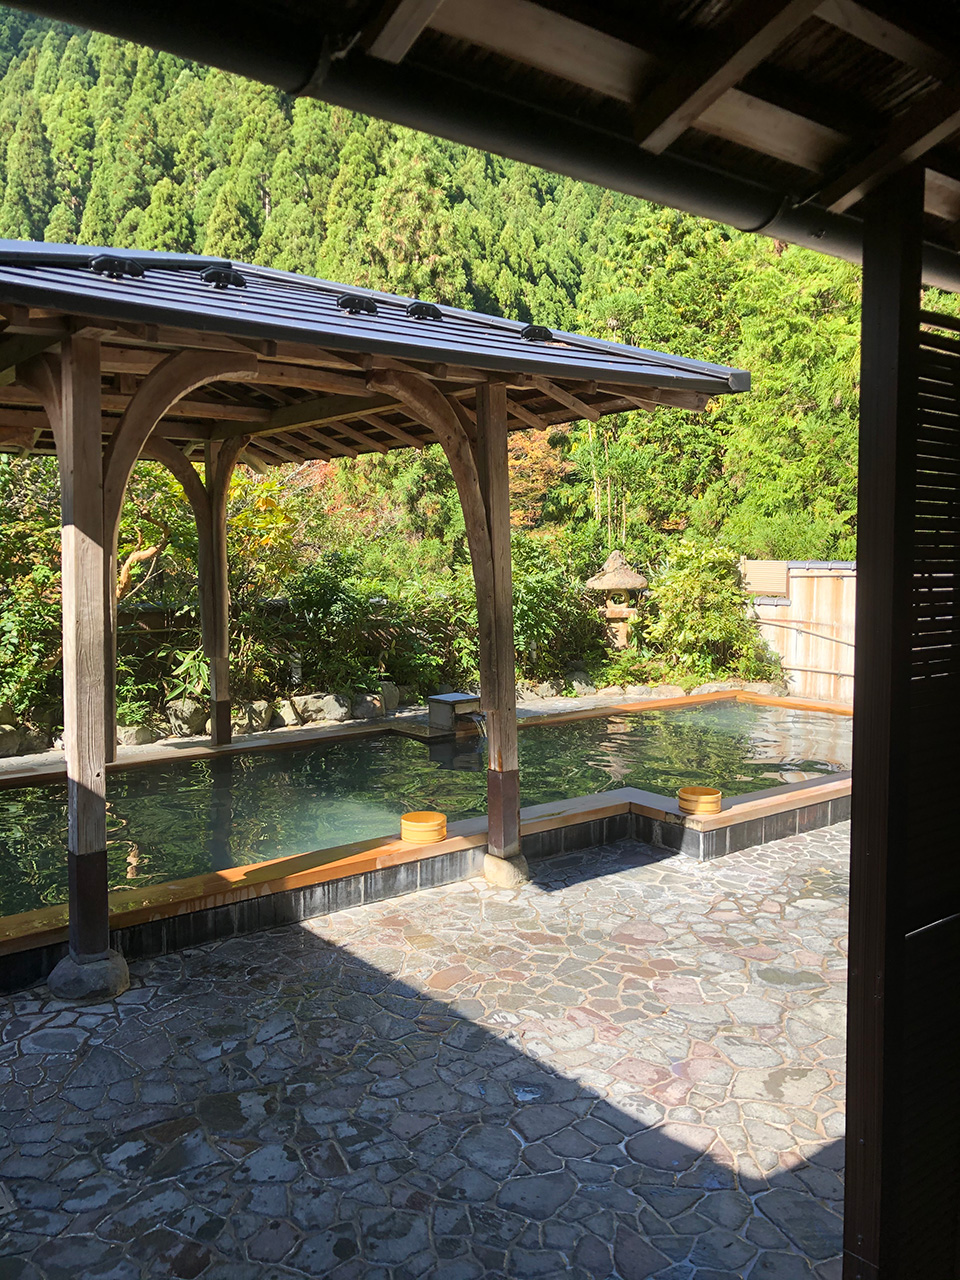 京都の数少ない温泉〈くらま温泉〉に浸かってきました。「峰麓湯」